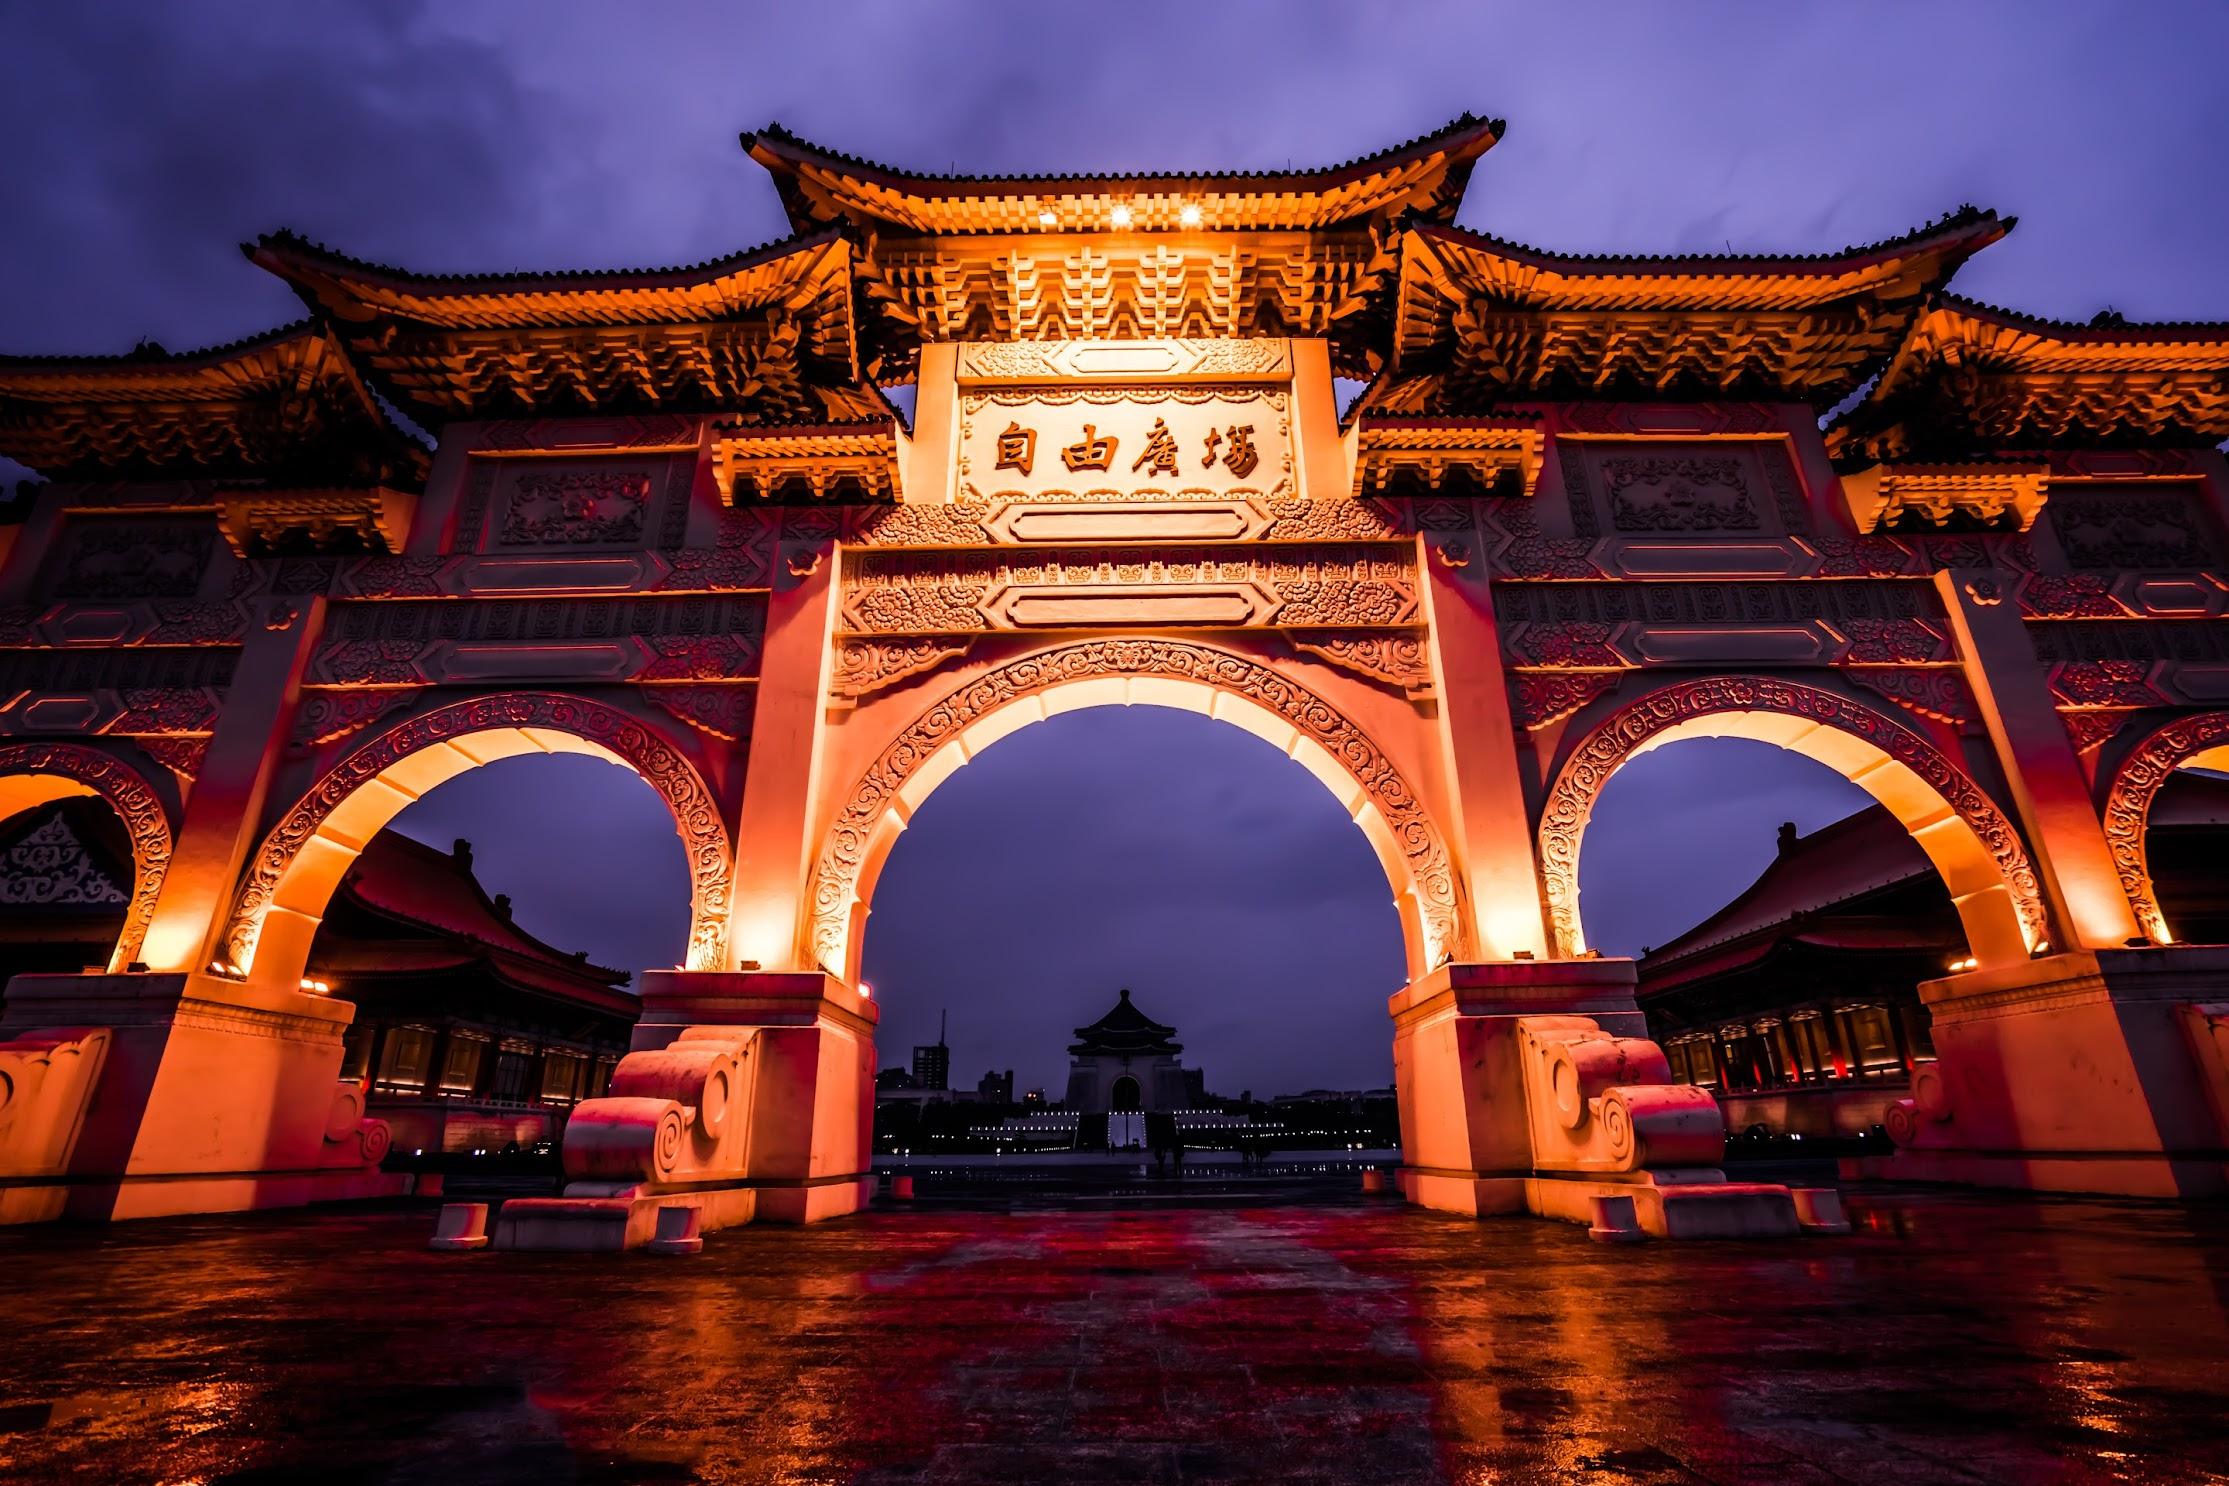 中正紀念堂 自由広場門(自由廣場門)2